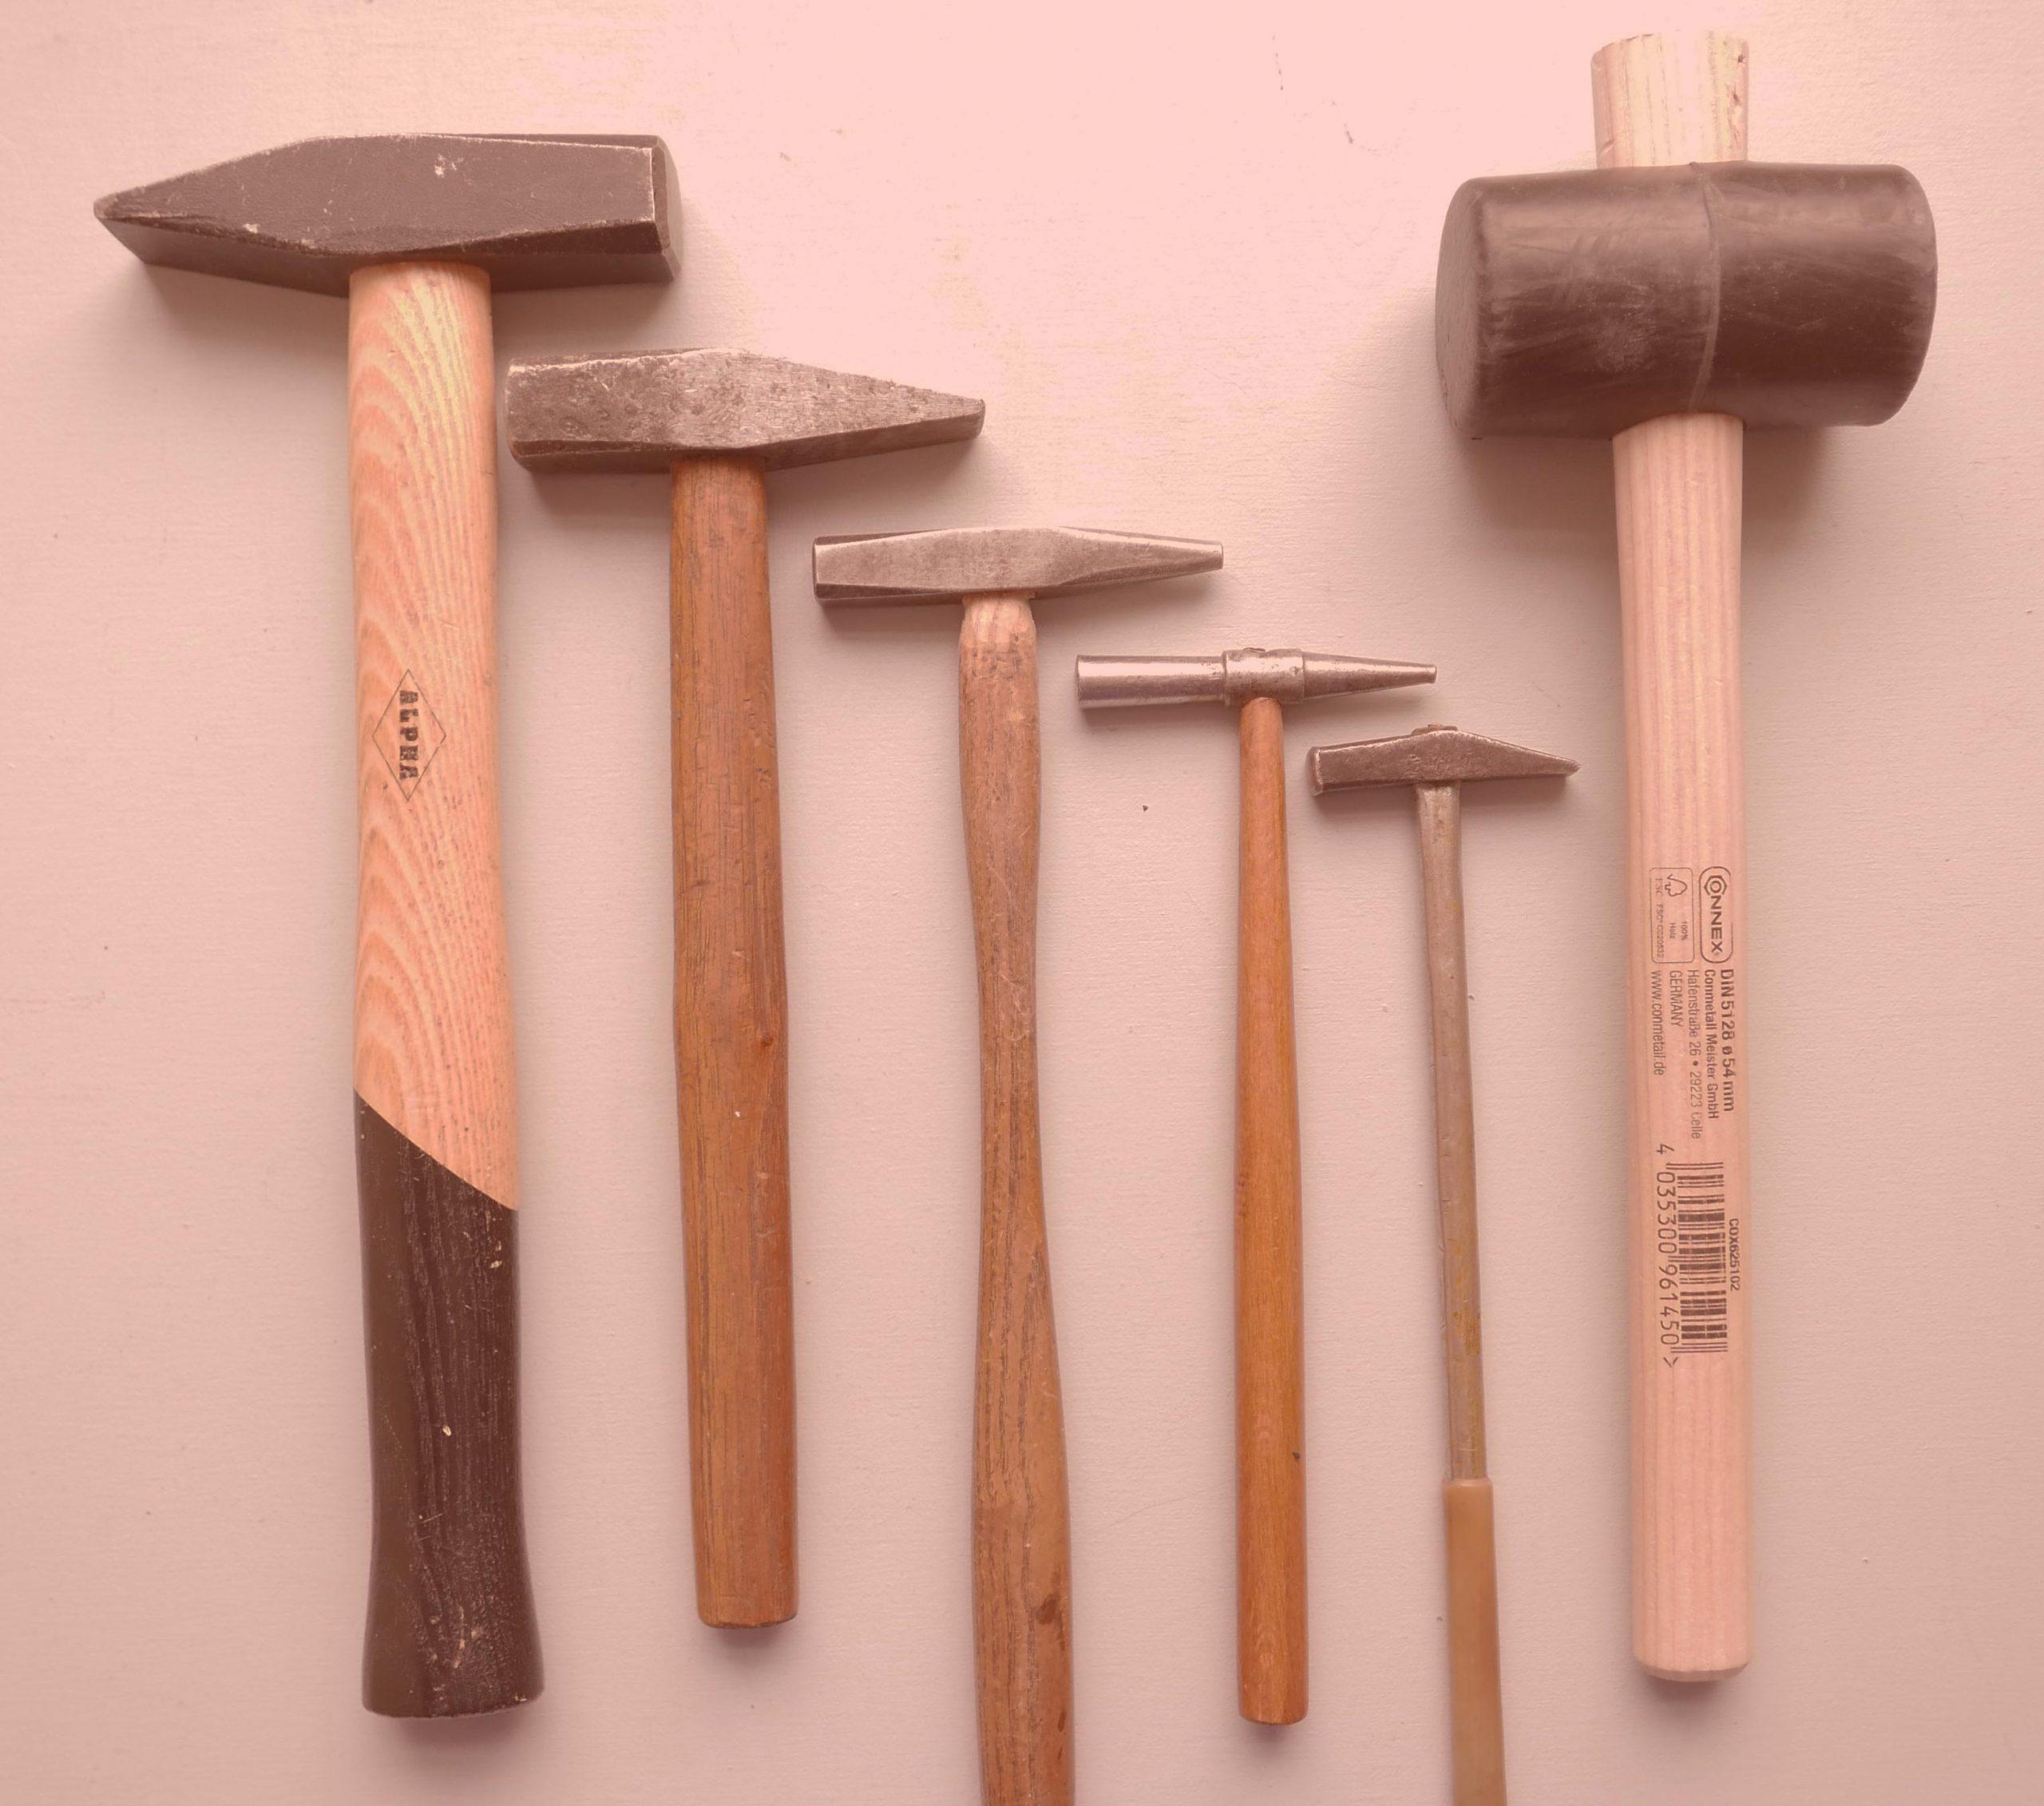 Umbauen, renovieren, Werkzeug, Hammer groß und klein